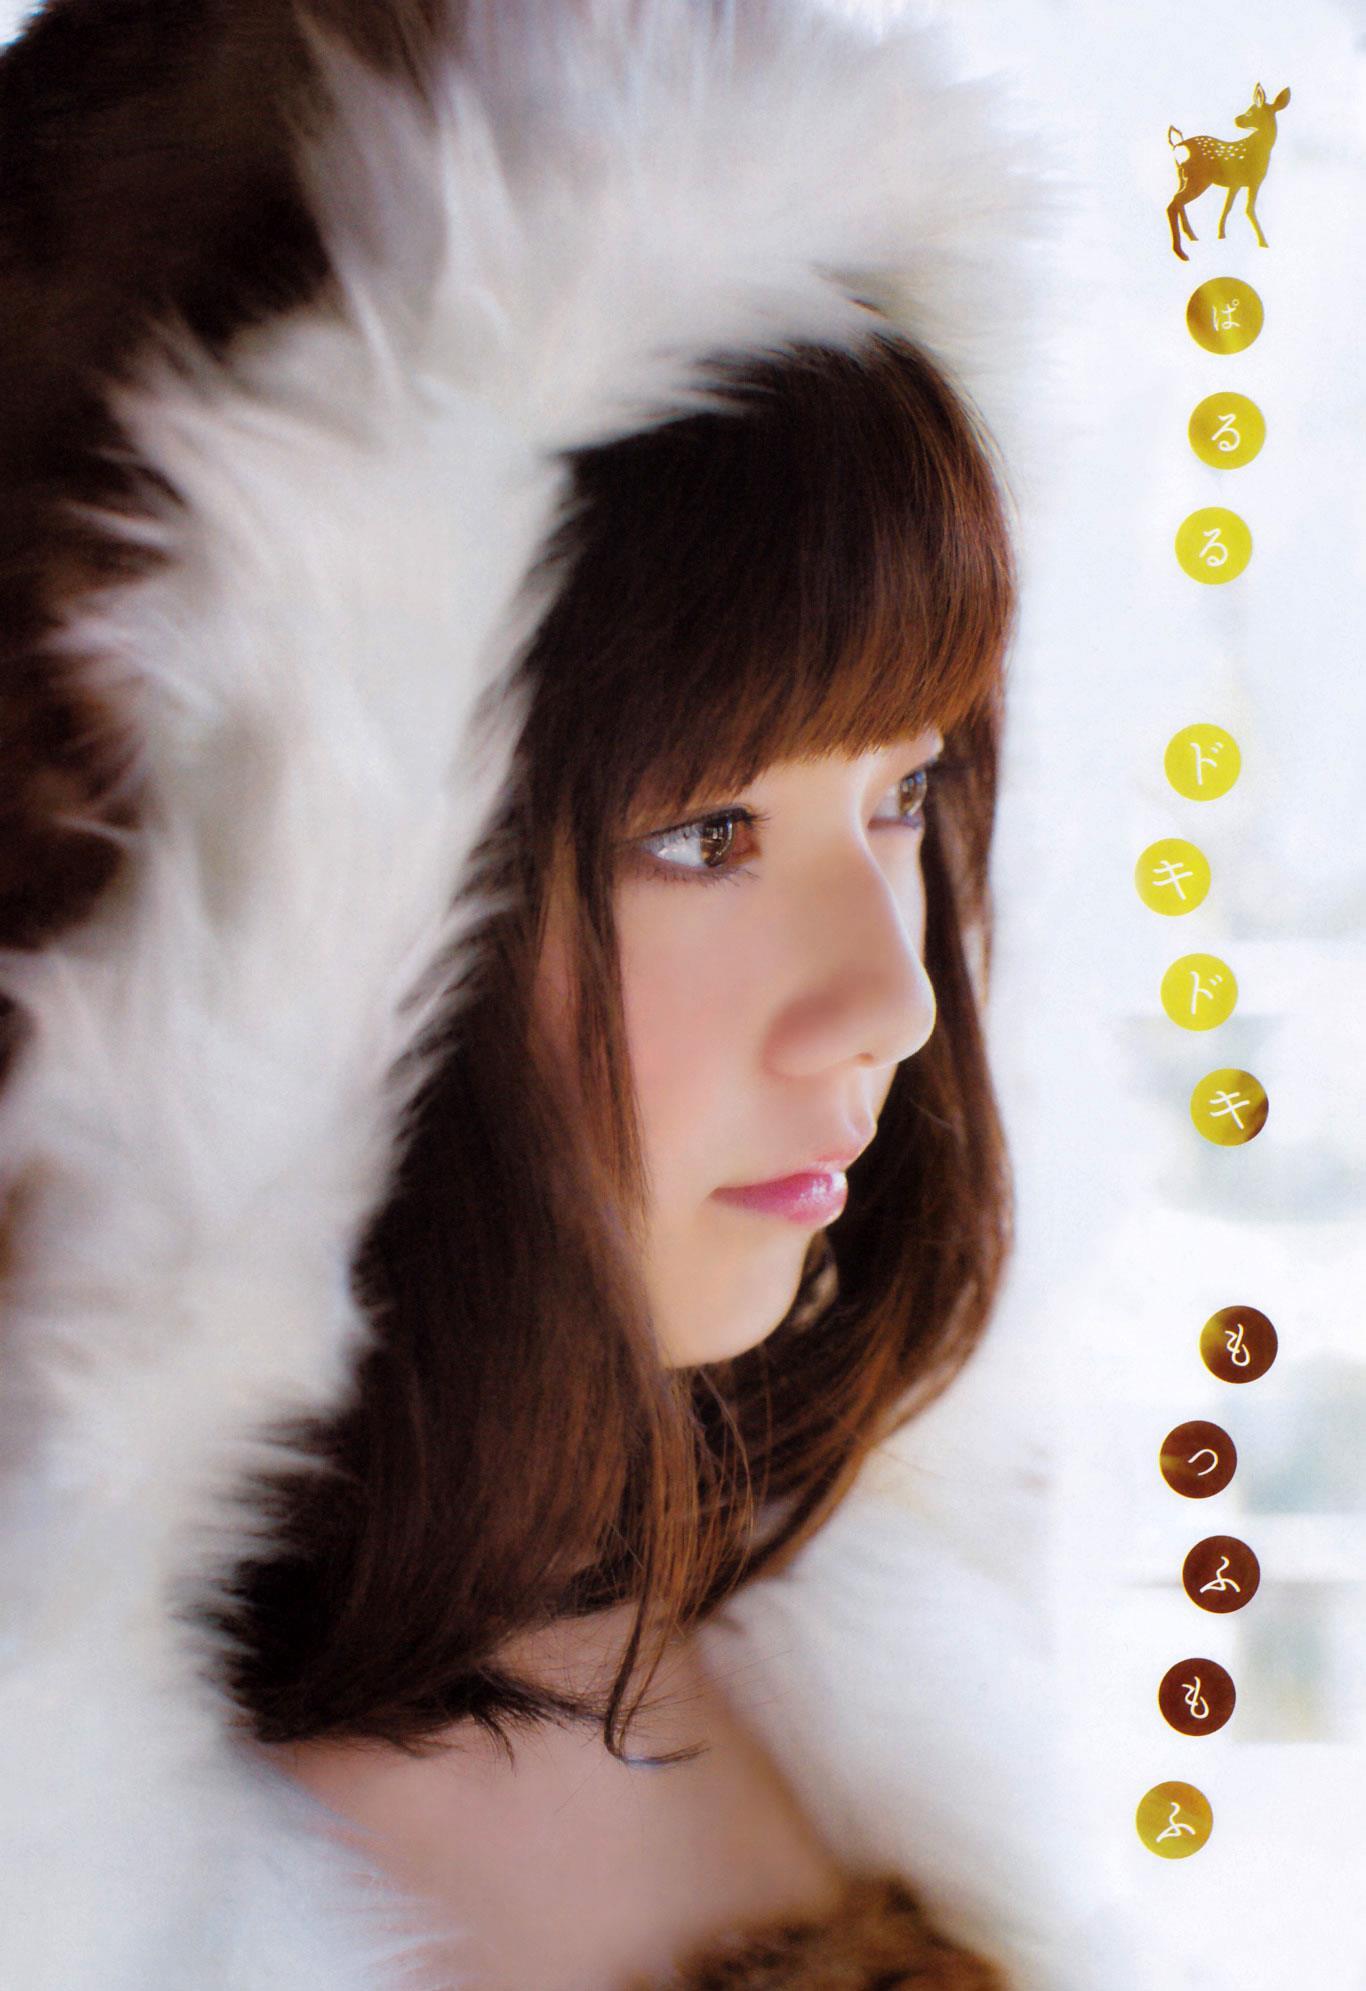 島崎遥香 画像 9